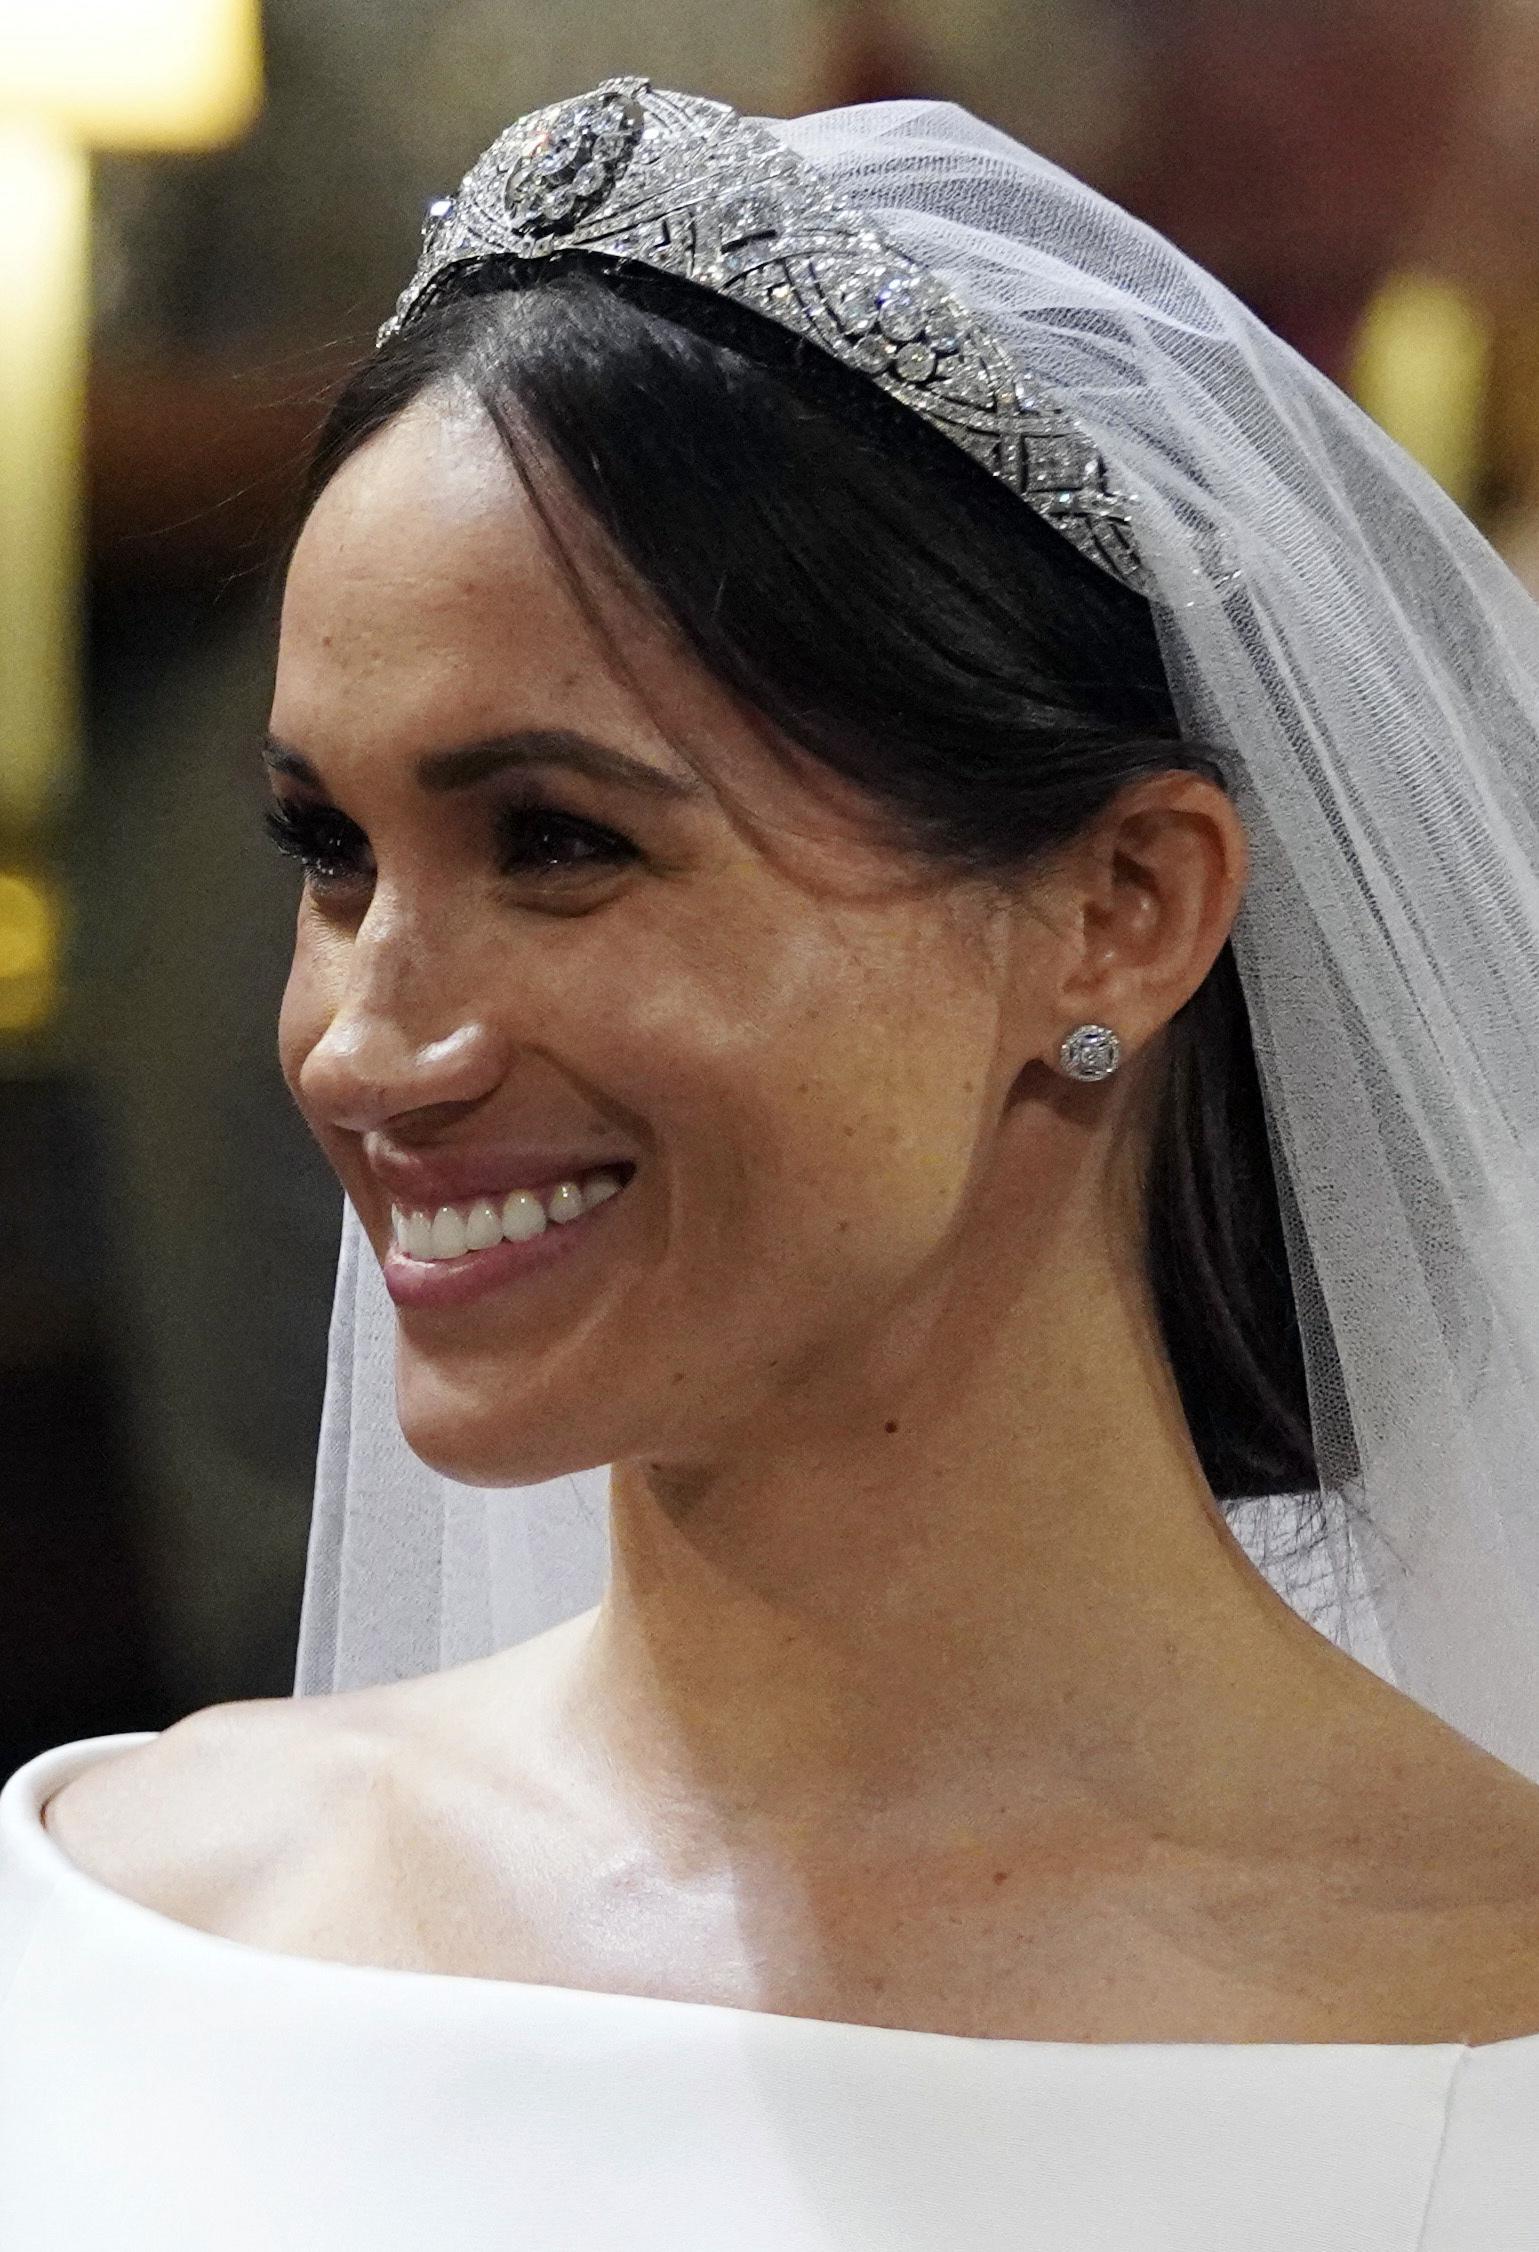 Con la sonrisa a flor de piel, Meghan Markle demostró la felicidad que sintió en el día más importante de su vida. (Foto: AP)